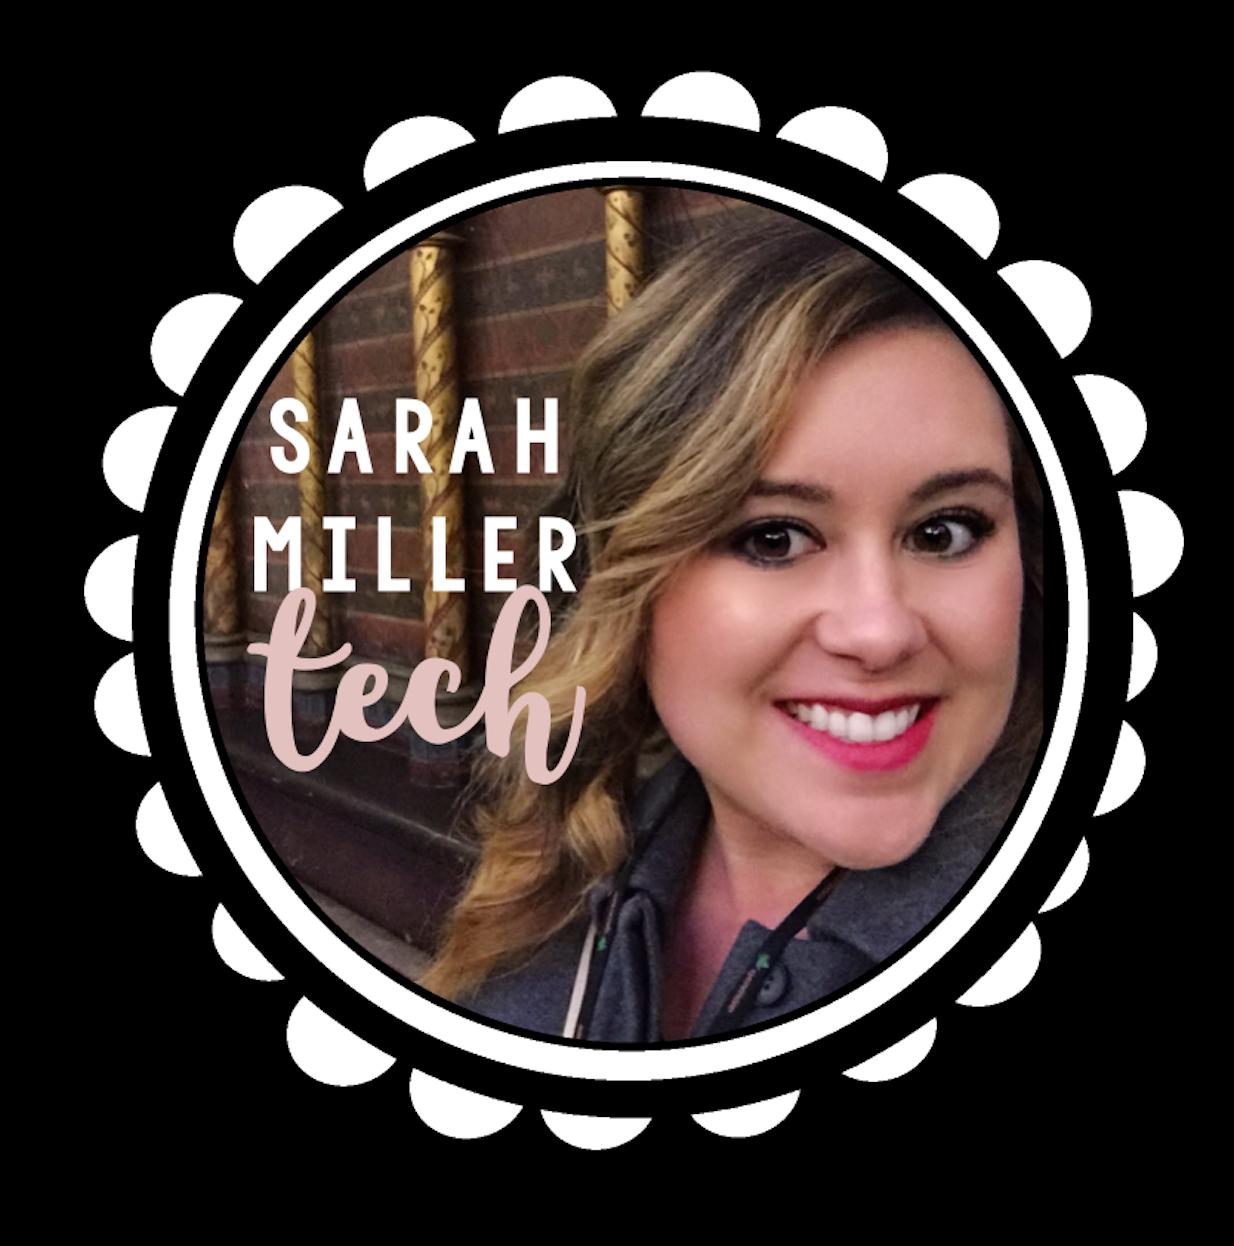 sarah-miller-tech.png